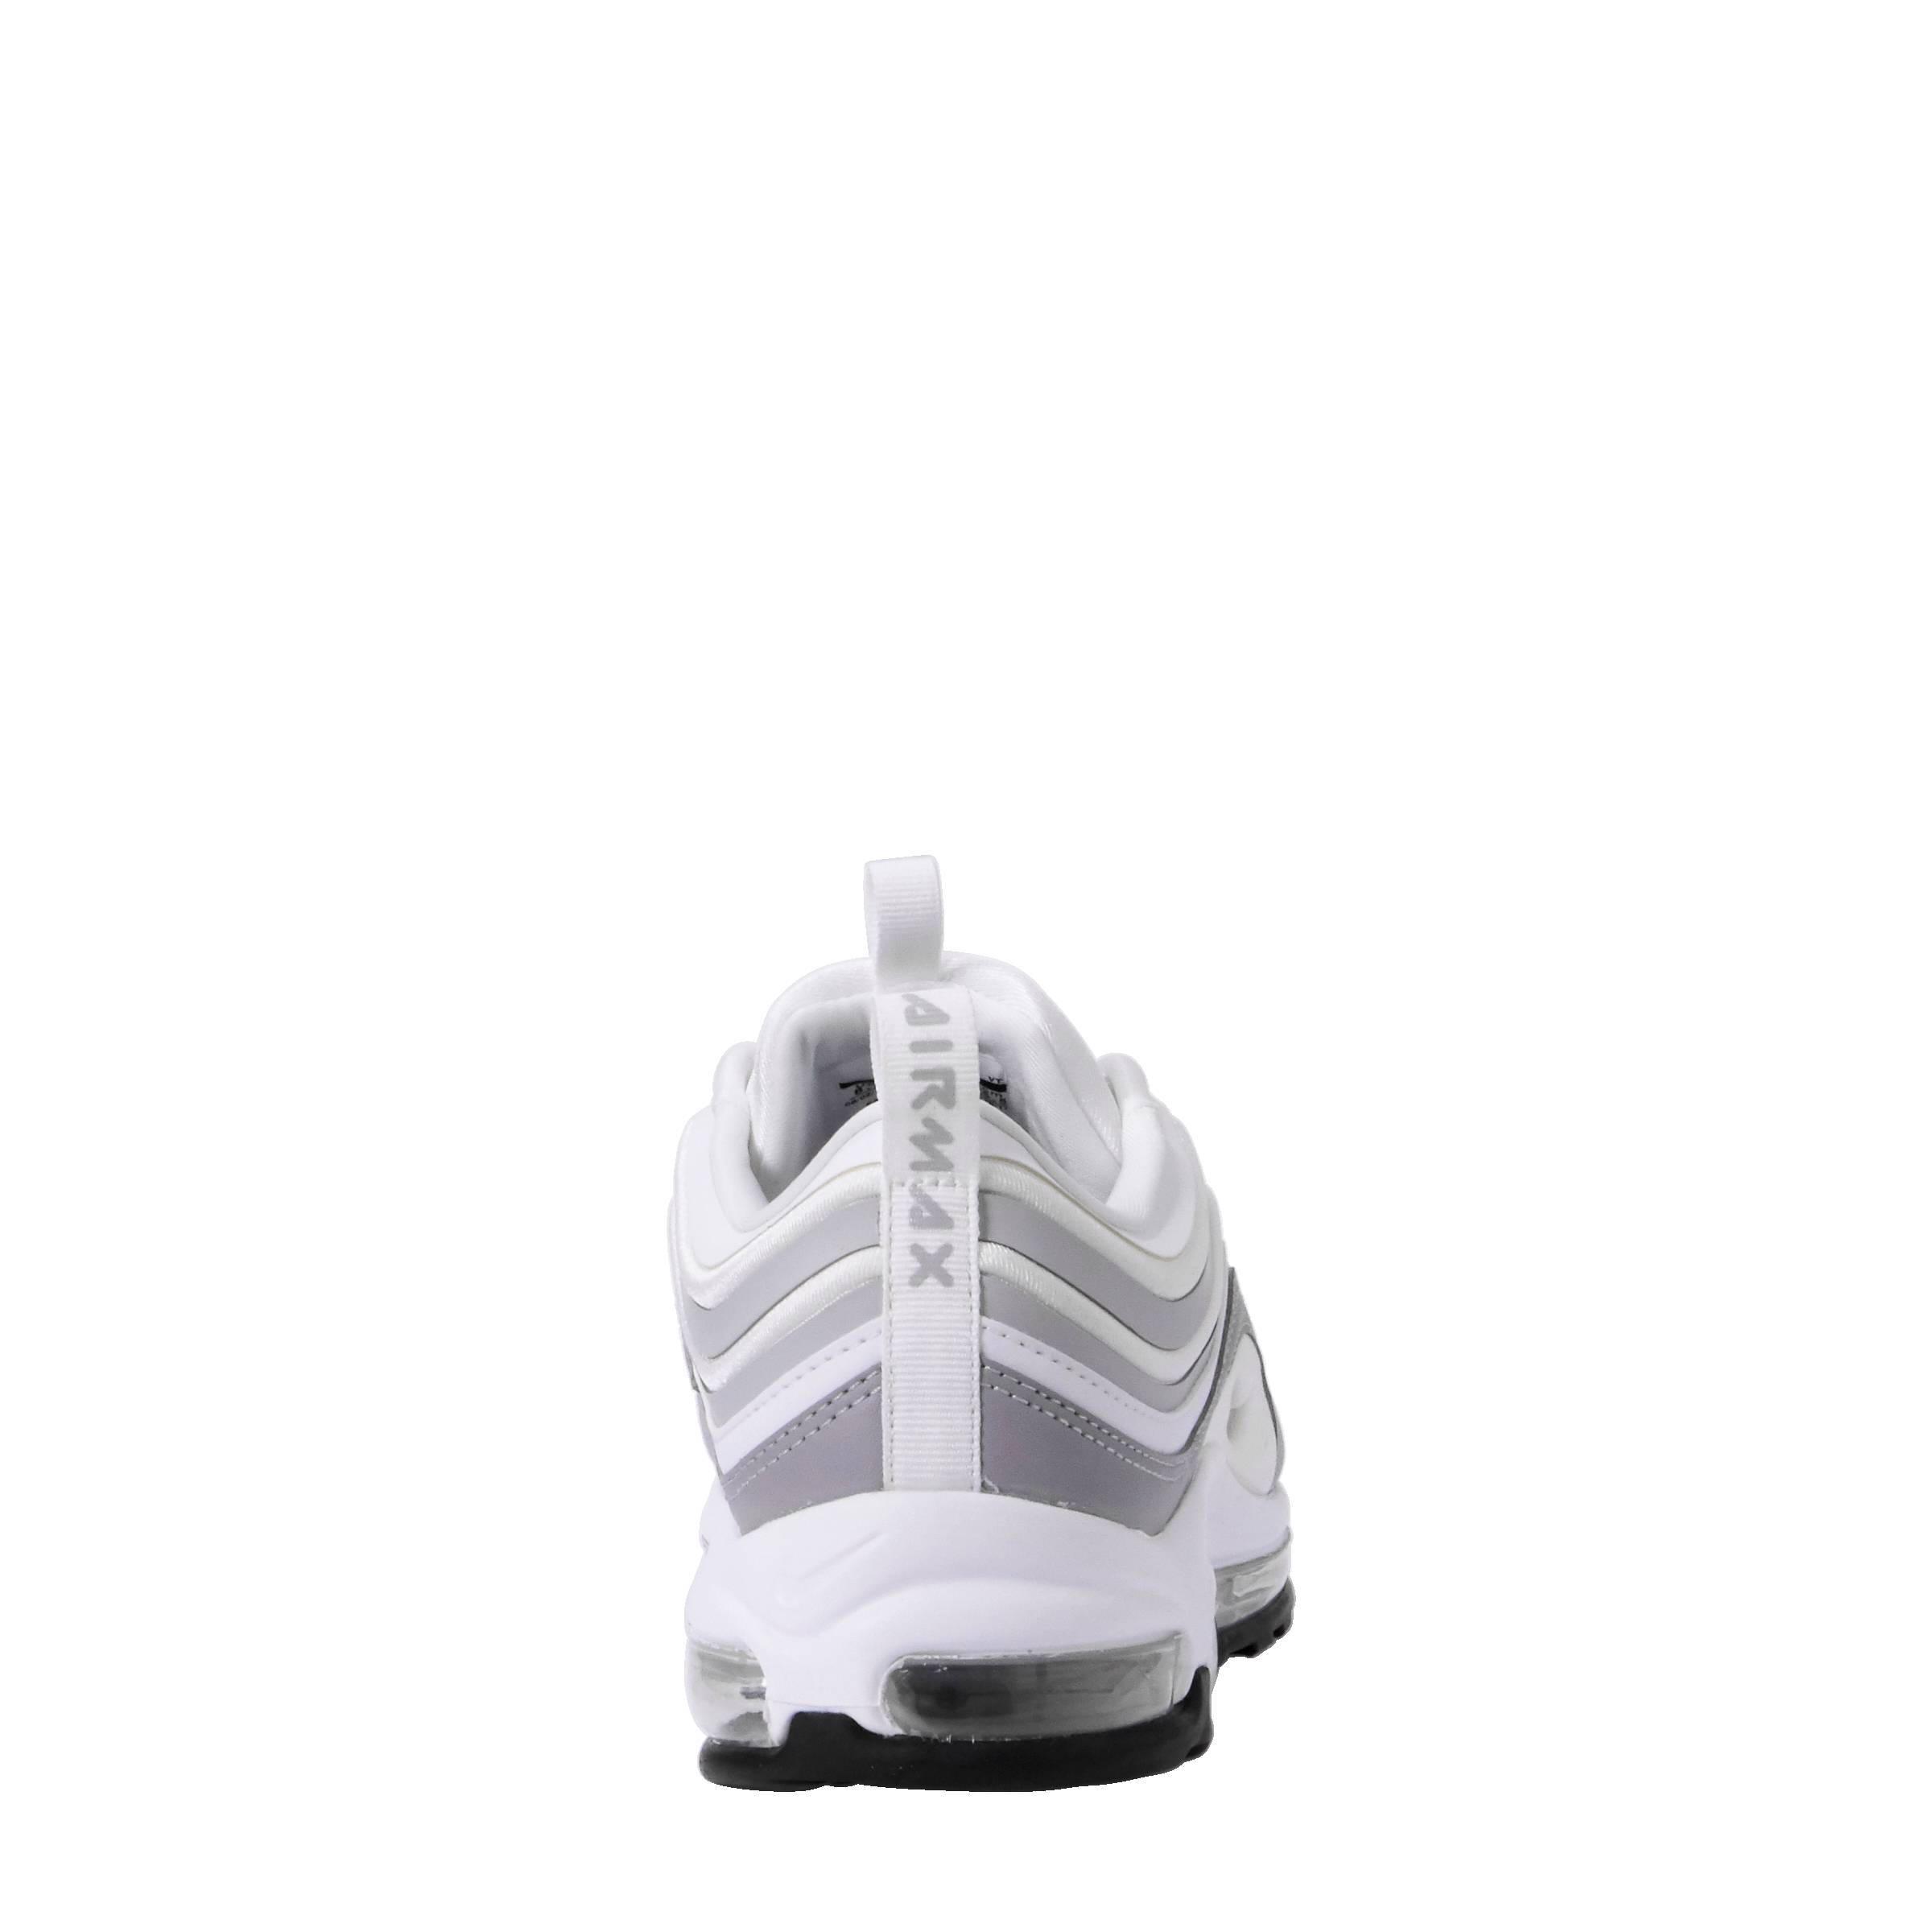 7deaddb0d6d Max Ultra Sneakers '17 Wehkamp Nike 97 Air 1gTffO